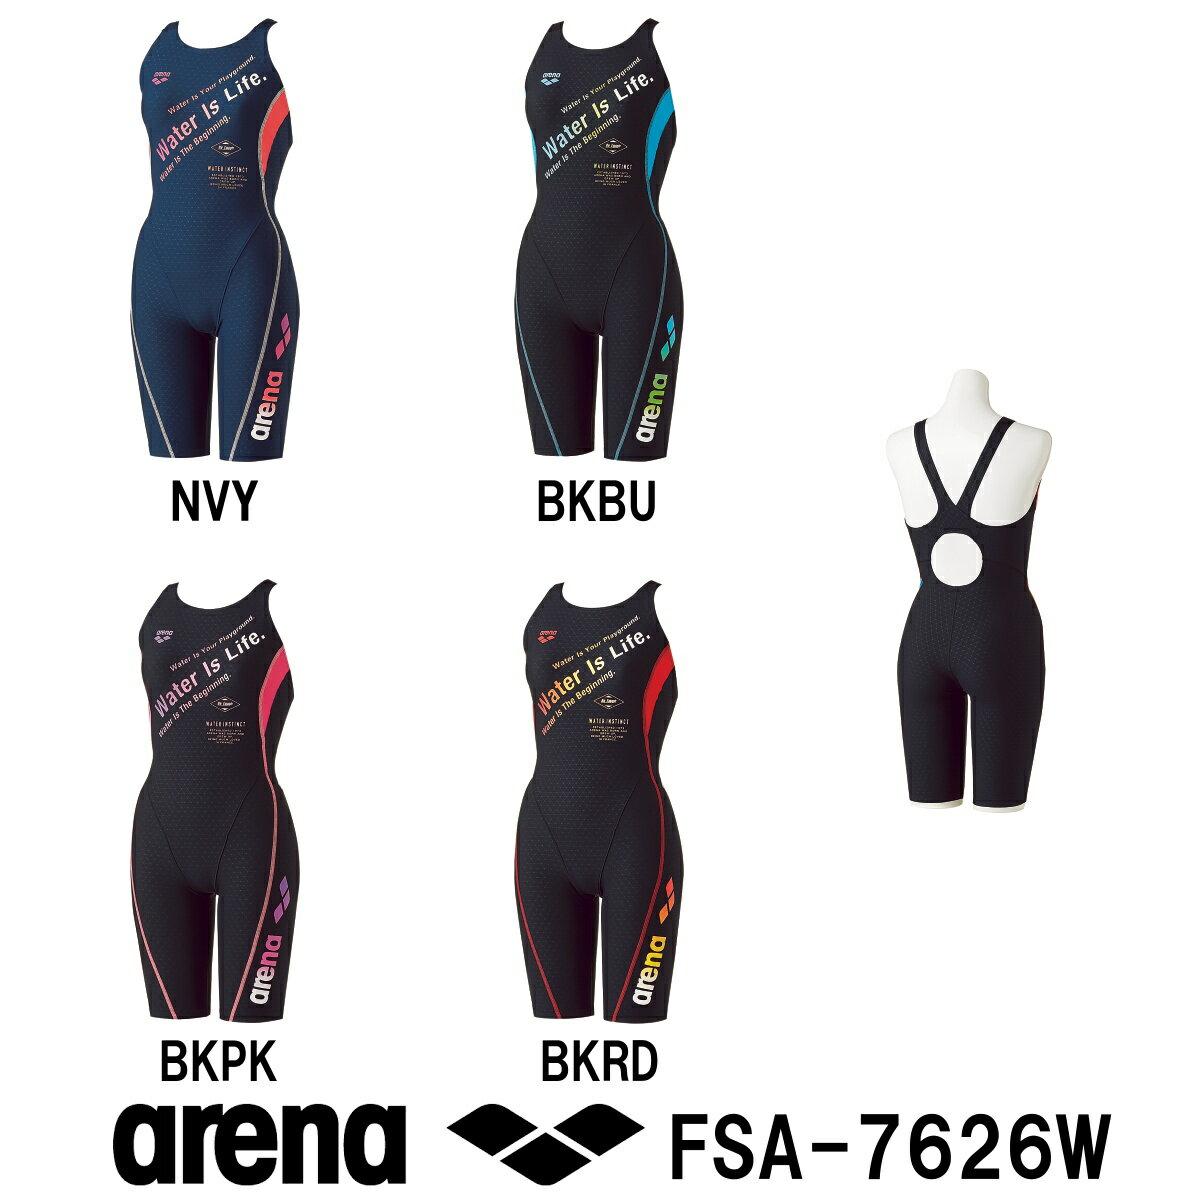 arena アリーナ 競泳練習水着 レディース スイムウェア スイミング タフハーフスパッツ 着やストラップ タフスーツ タフスキンストレッチ 2017年FWモデル FSA-7626W